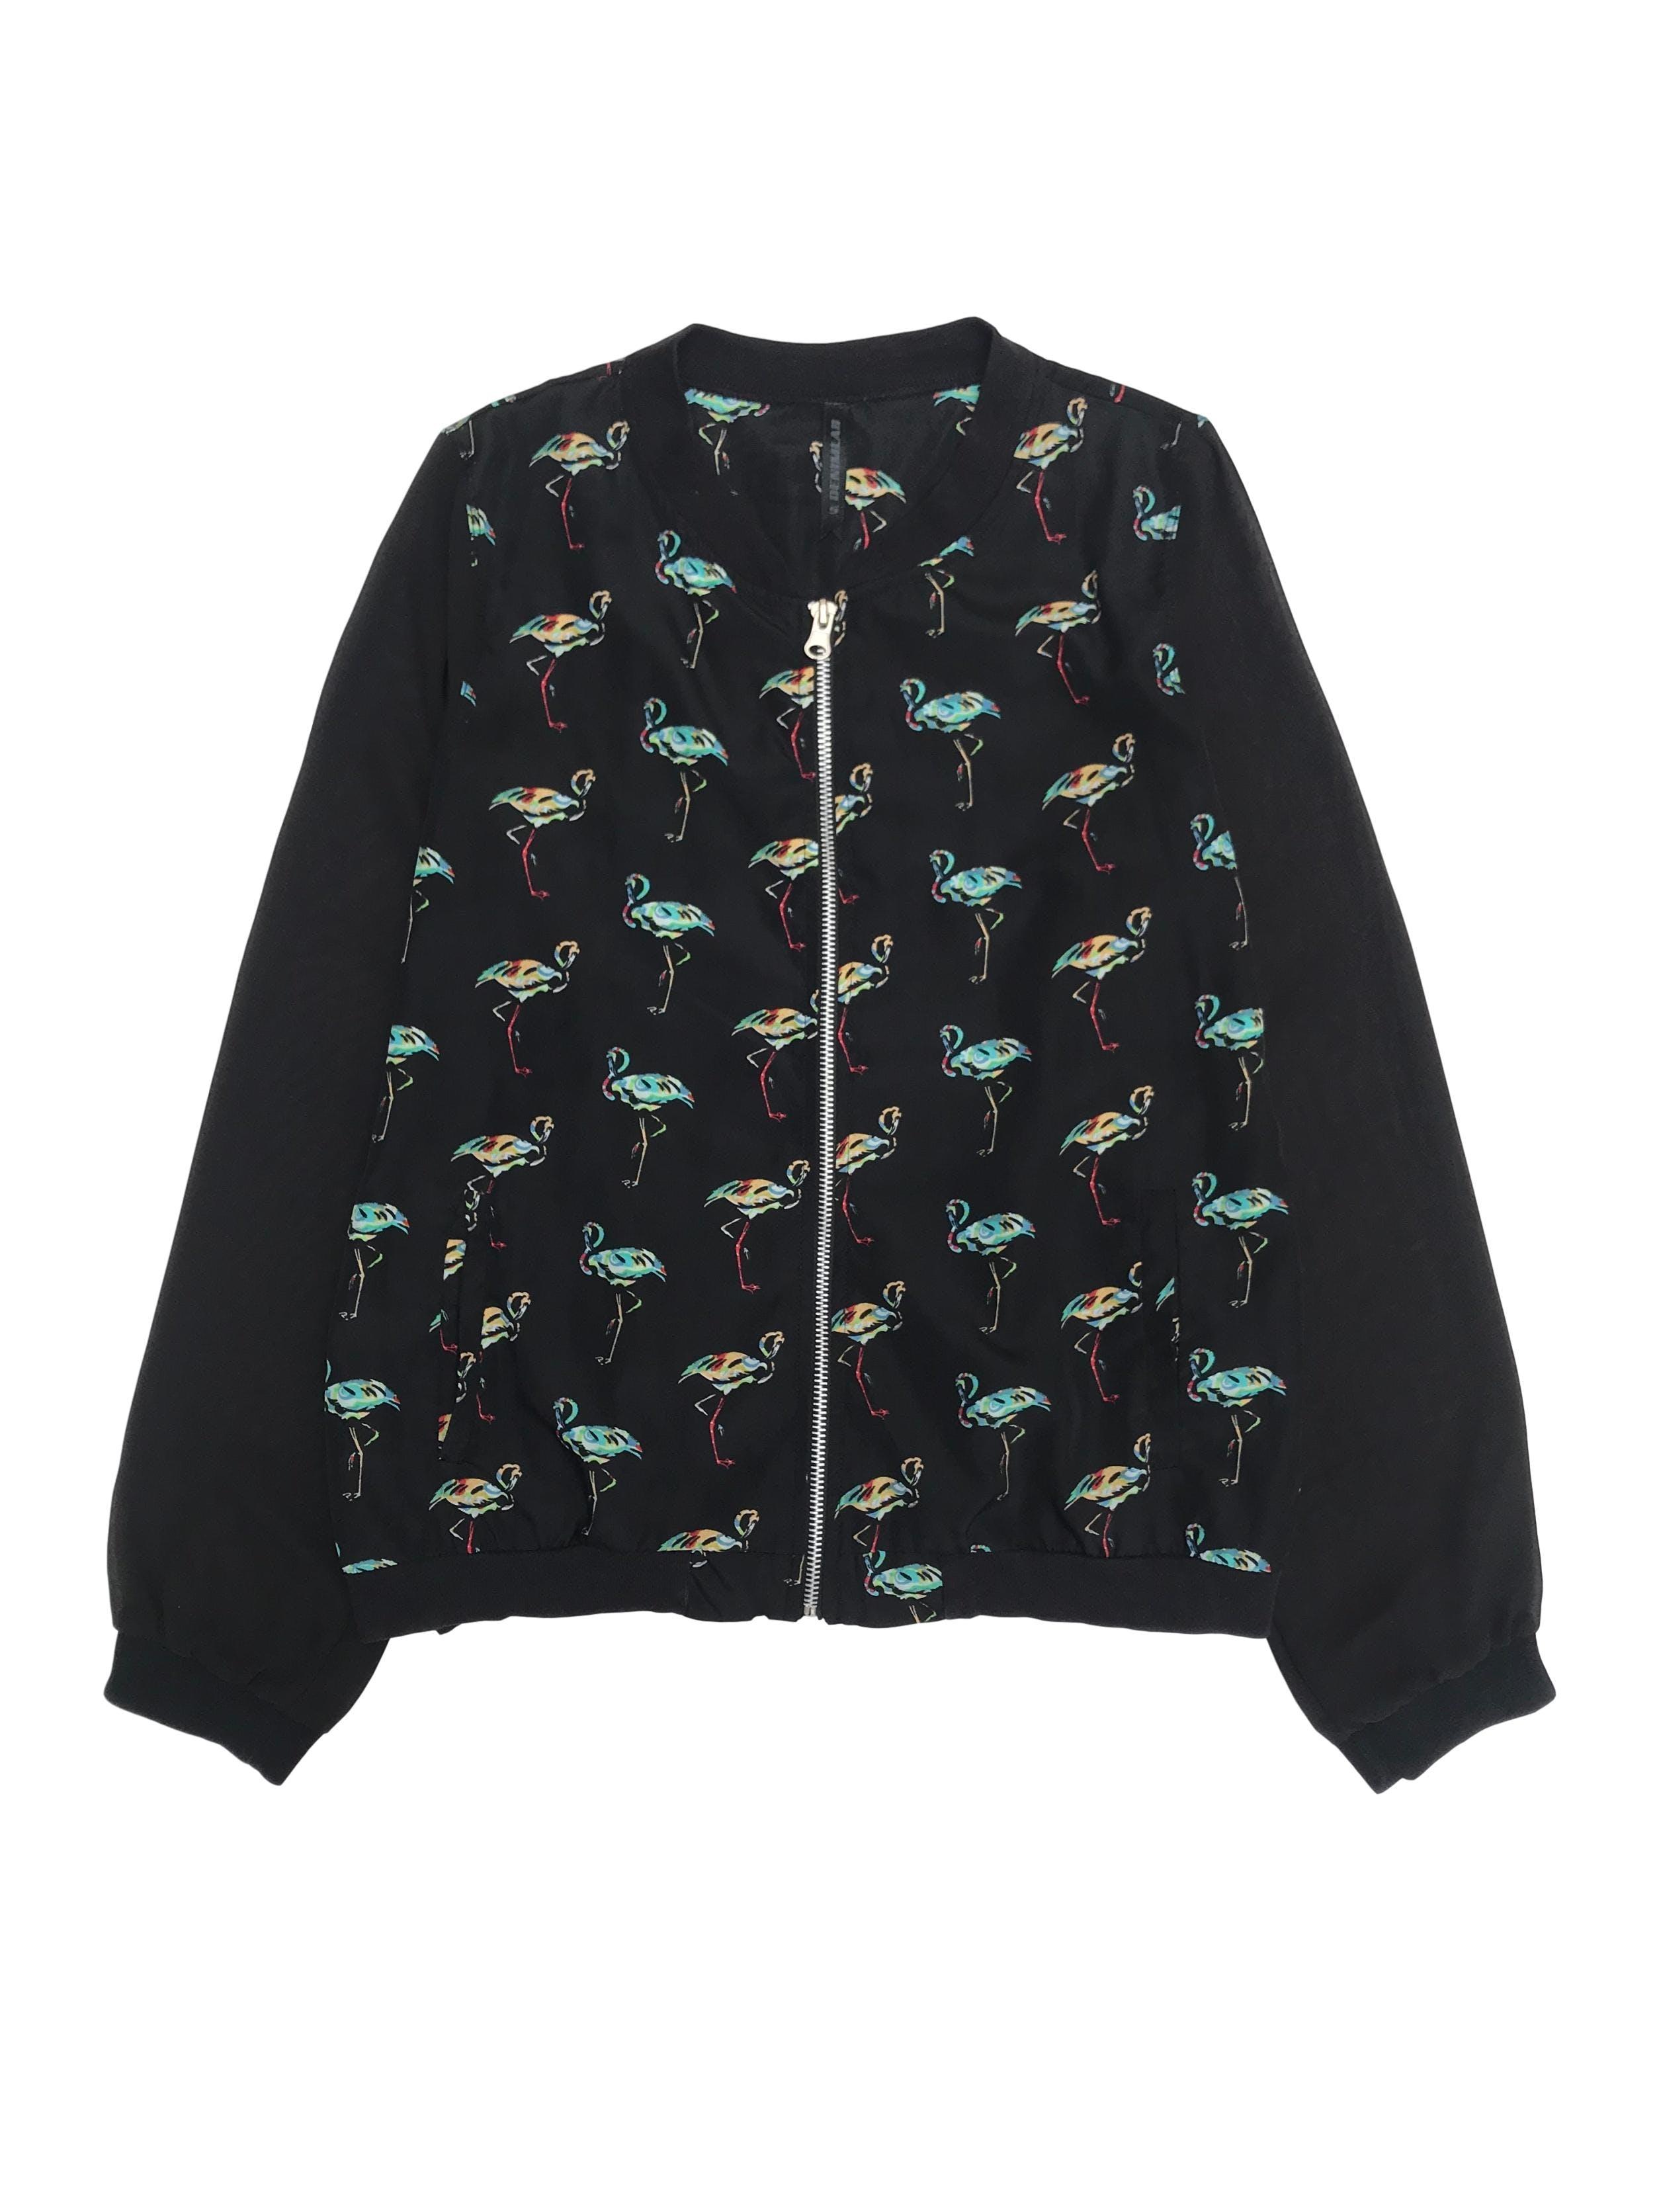 Casaca Denimlab negra con estampado de aves y mangas de gasa, lleva cierre delantero